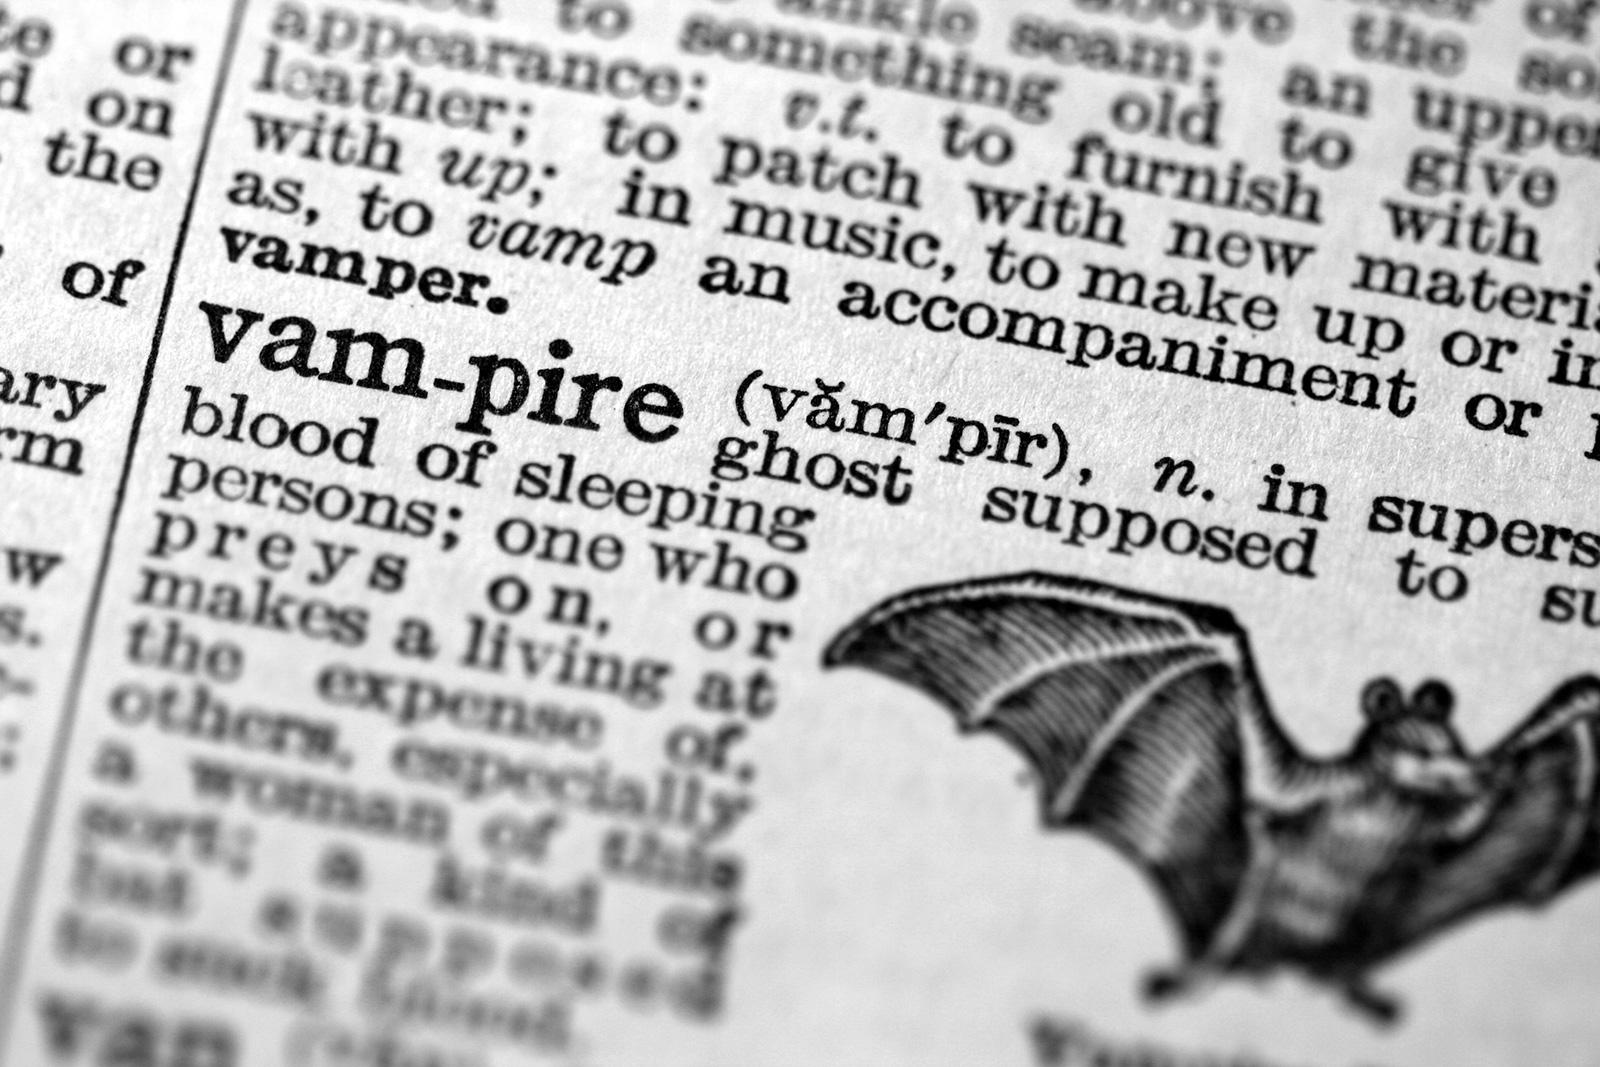 dictionary-definition-of-vampire.jpg